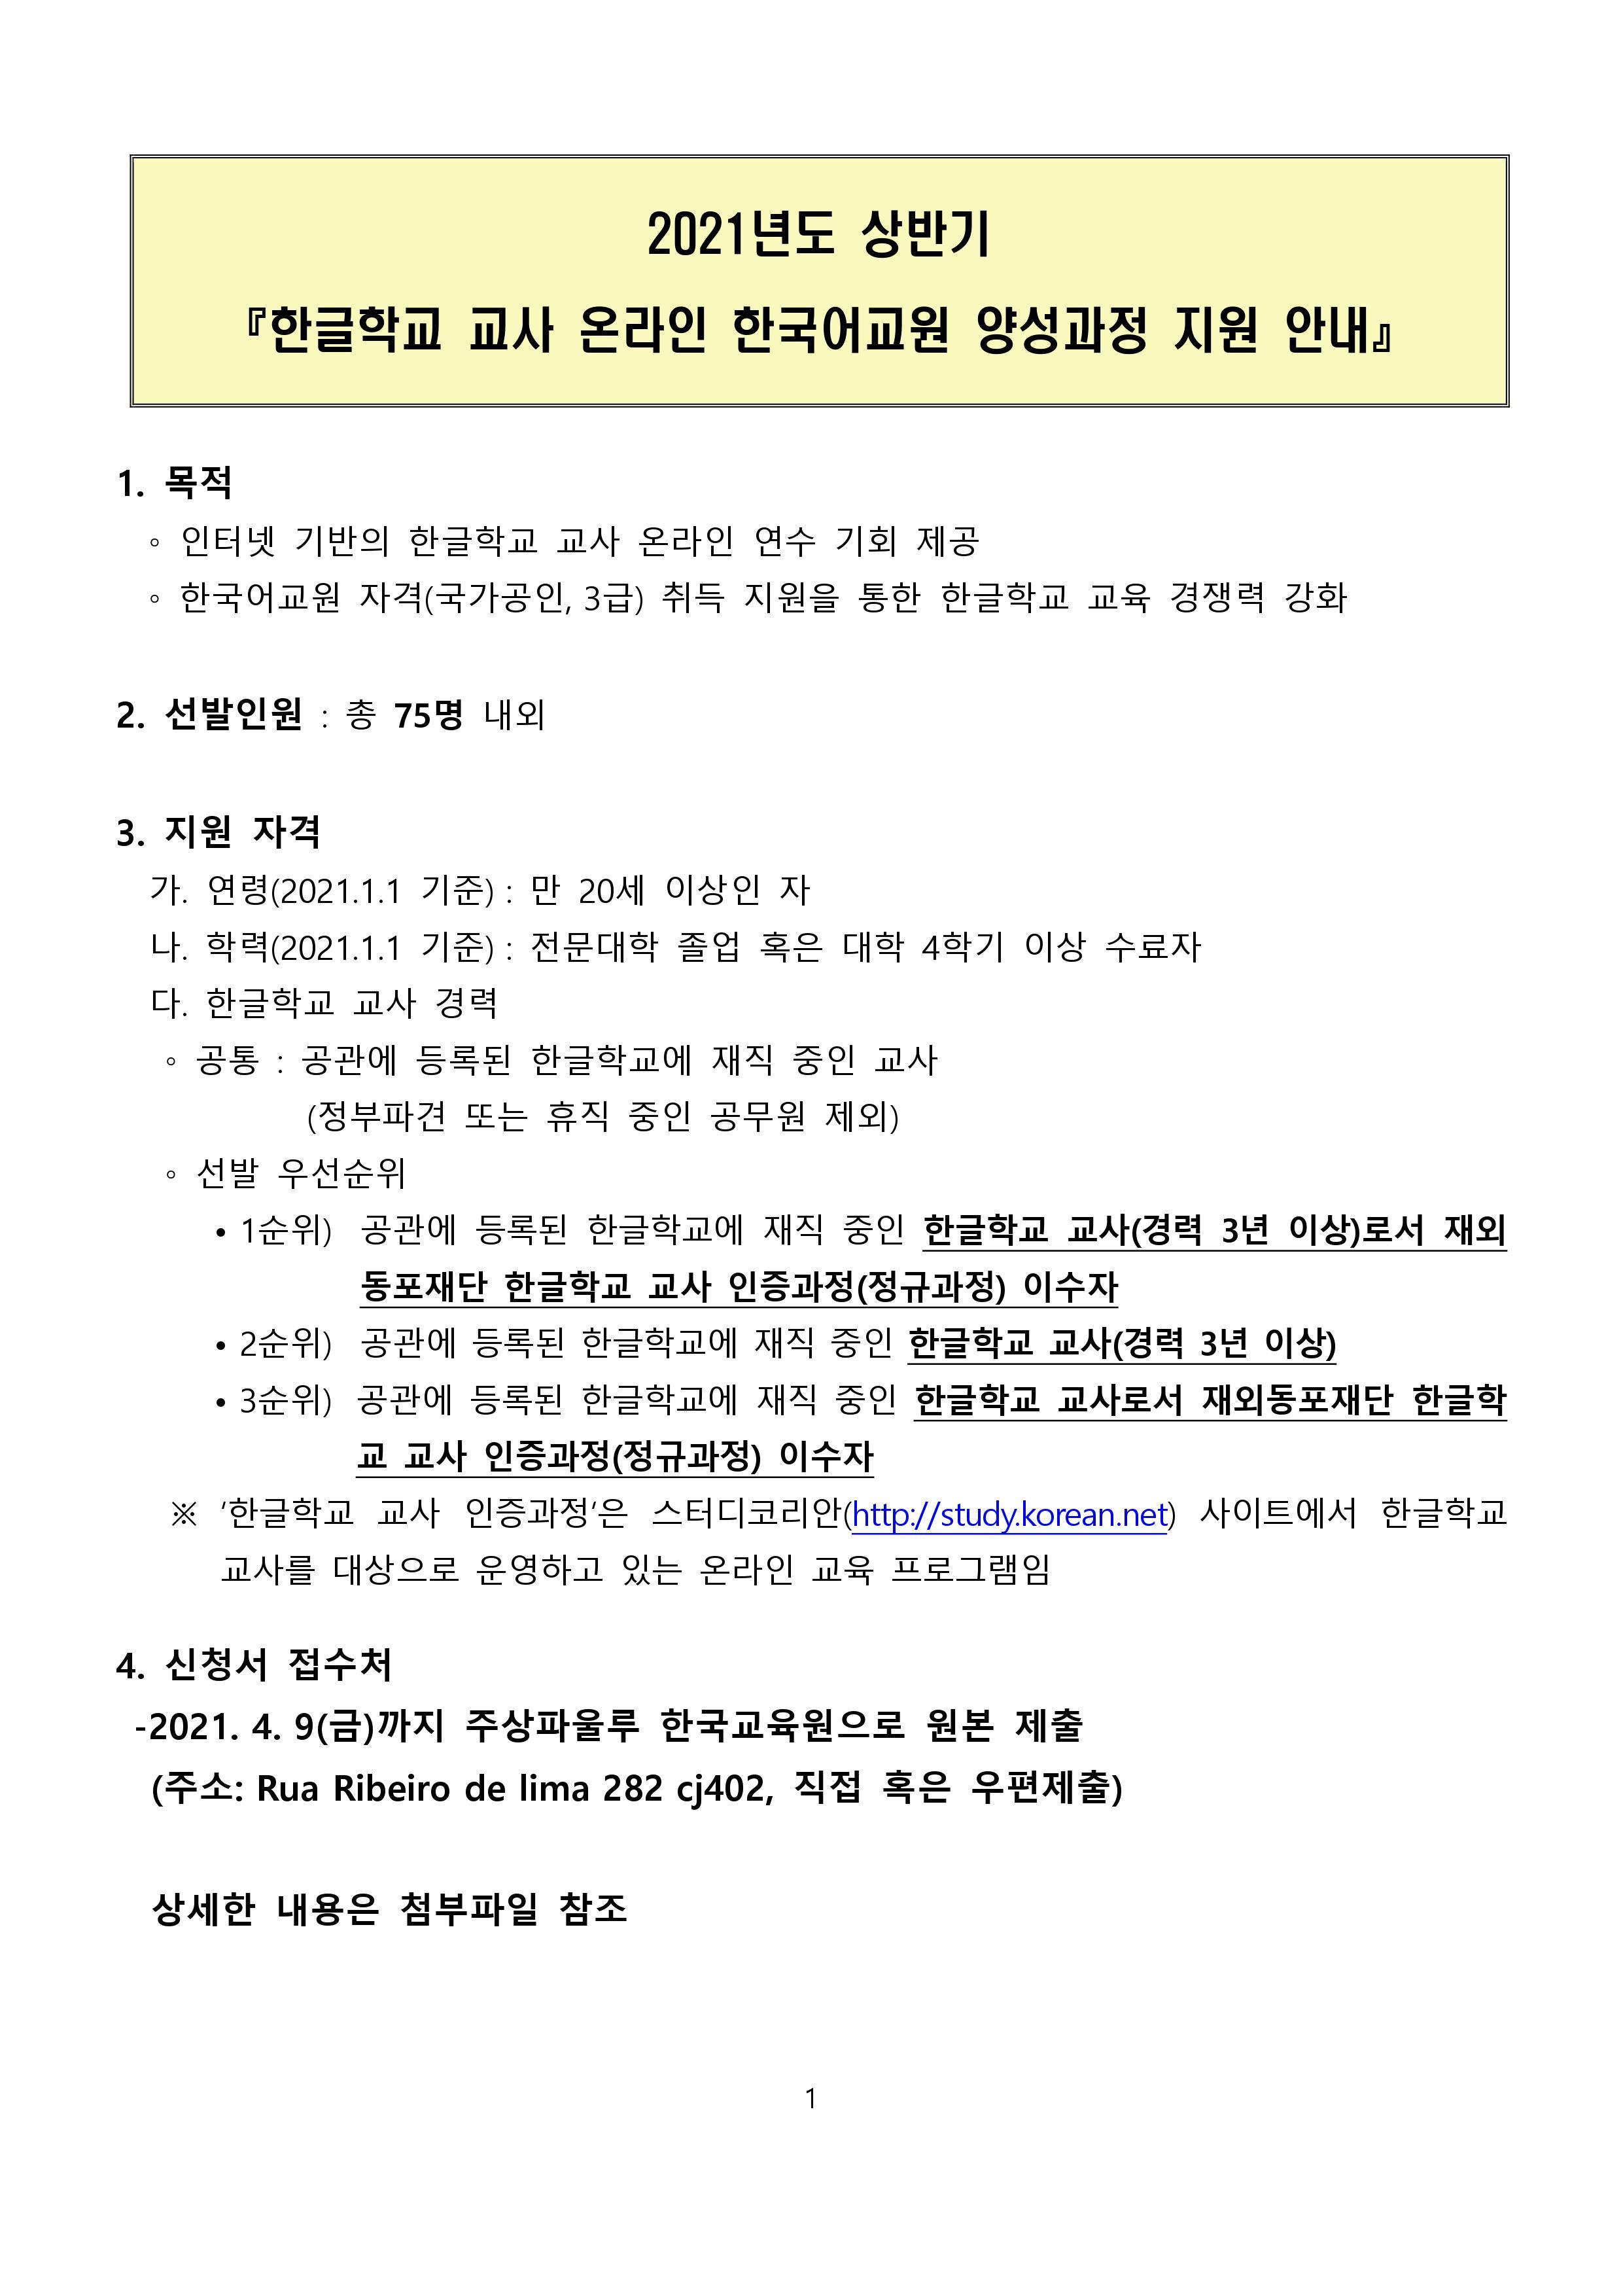 2021년도 상반기 한글학교 교사 온라인 한국어교원 양성과정 지원.jpg